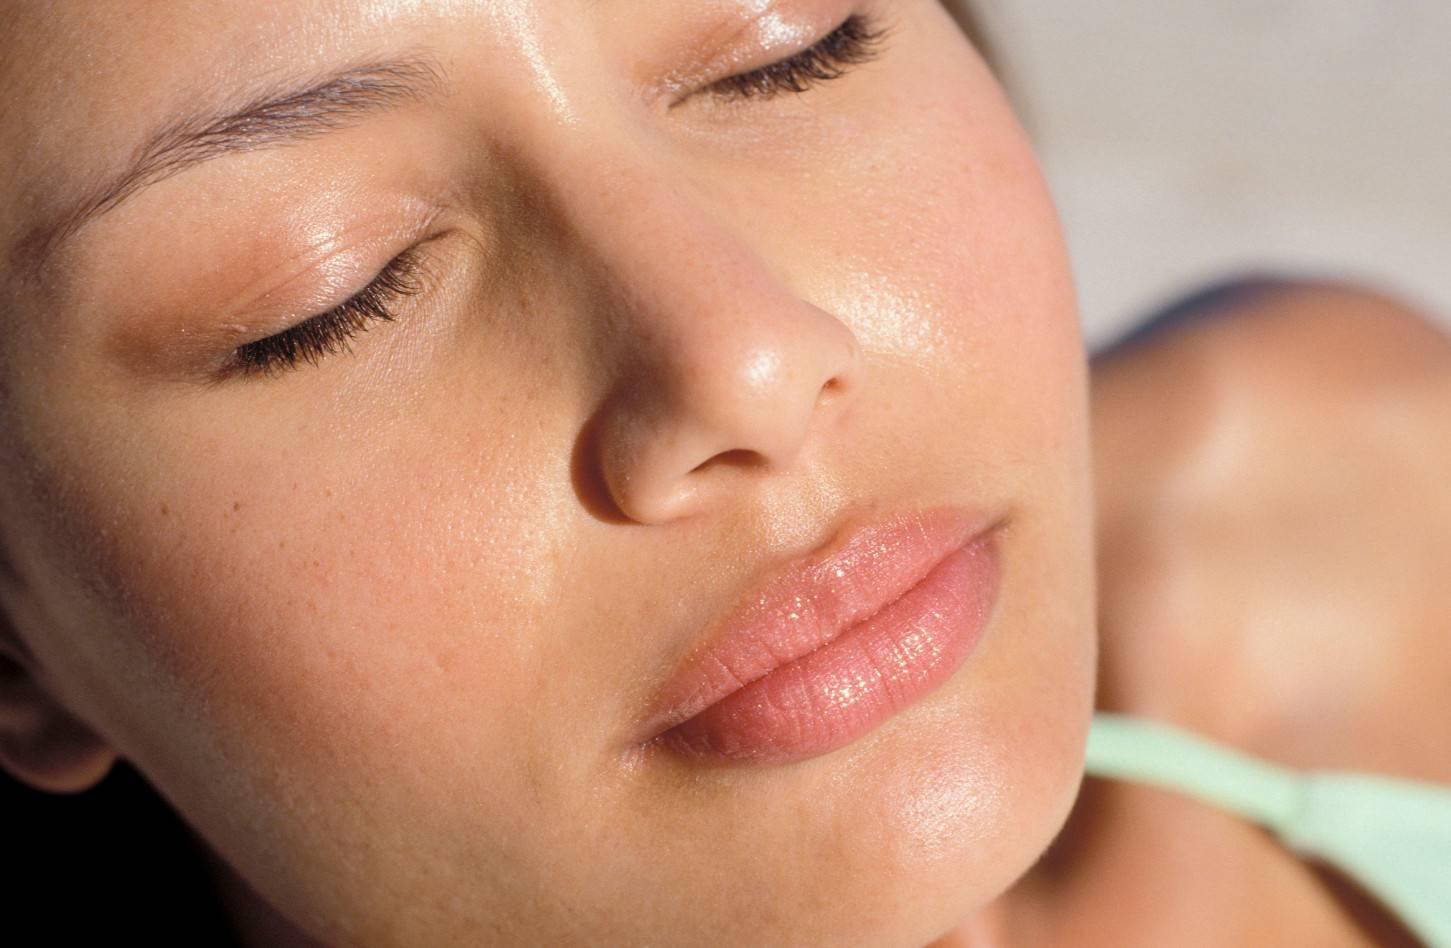 Как избавиться от жирного блеска на лице – чем протирать лоб чтобы не блестел